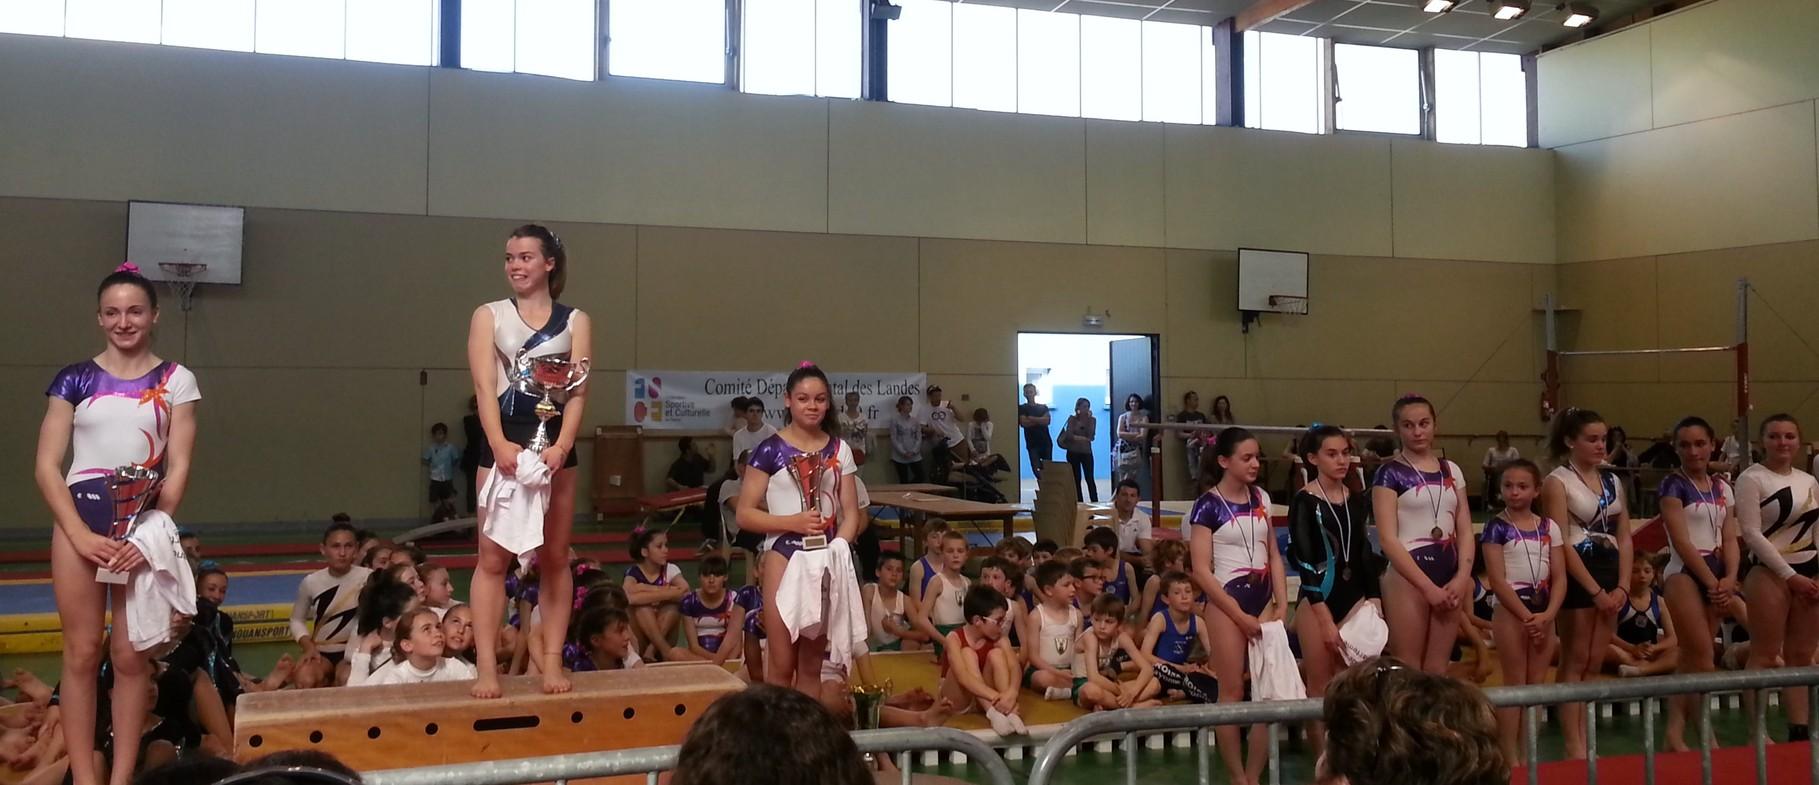 Podium Individuel Jeunesses: 1ère Lisa Maurin Jeanne d'Arc de Dax, 2ème Ophélie St Pé Violette Aturine, 2ème Laurie Gourgues Violette Aturine